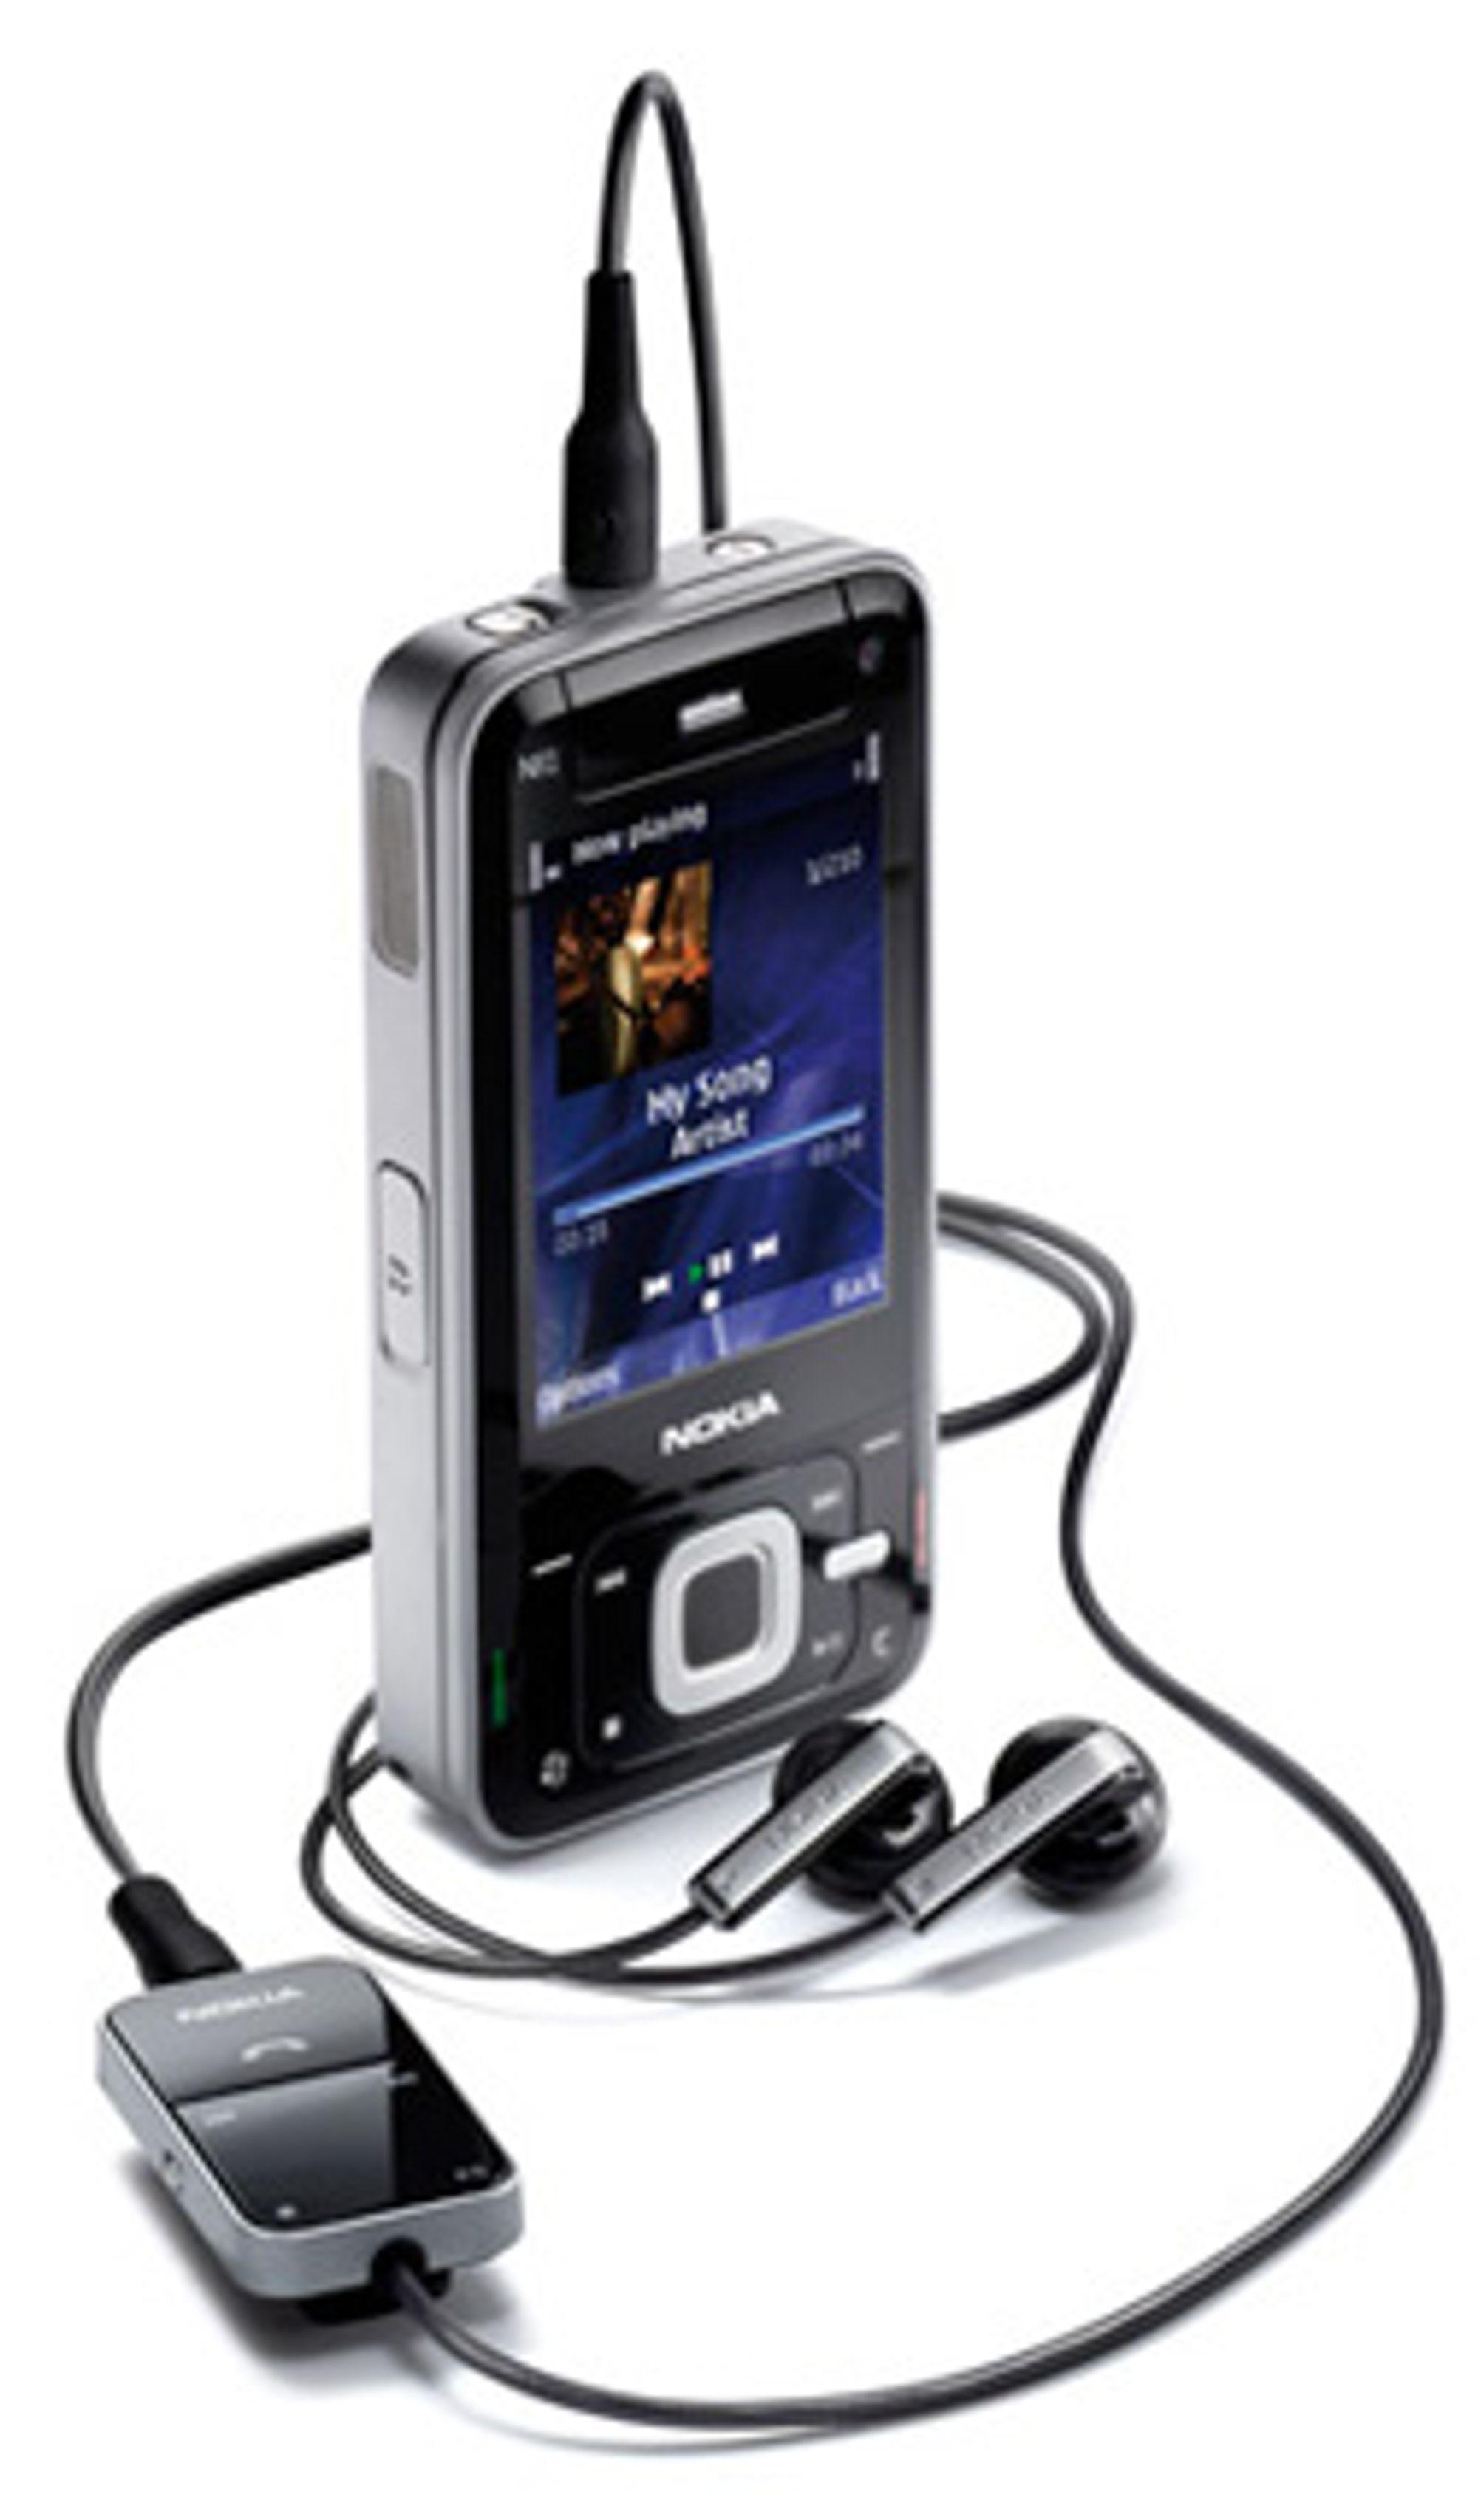 Slik ser N81 ut. (Foto: Nokia)